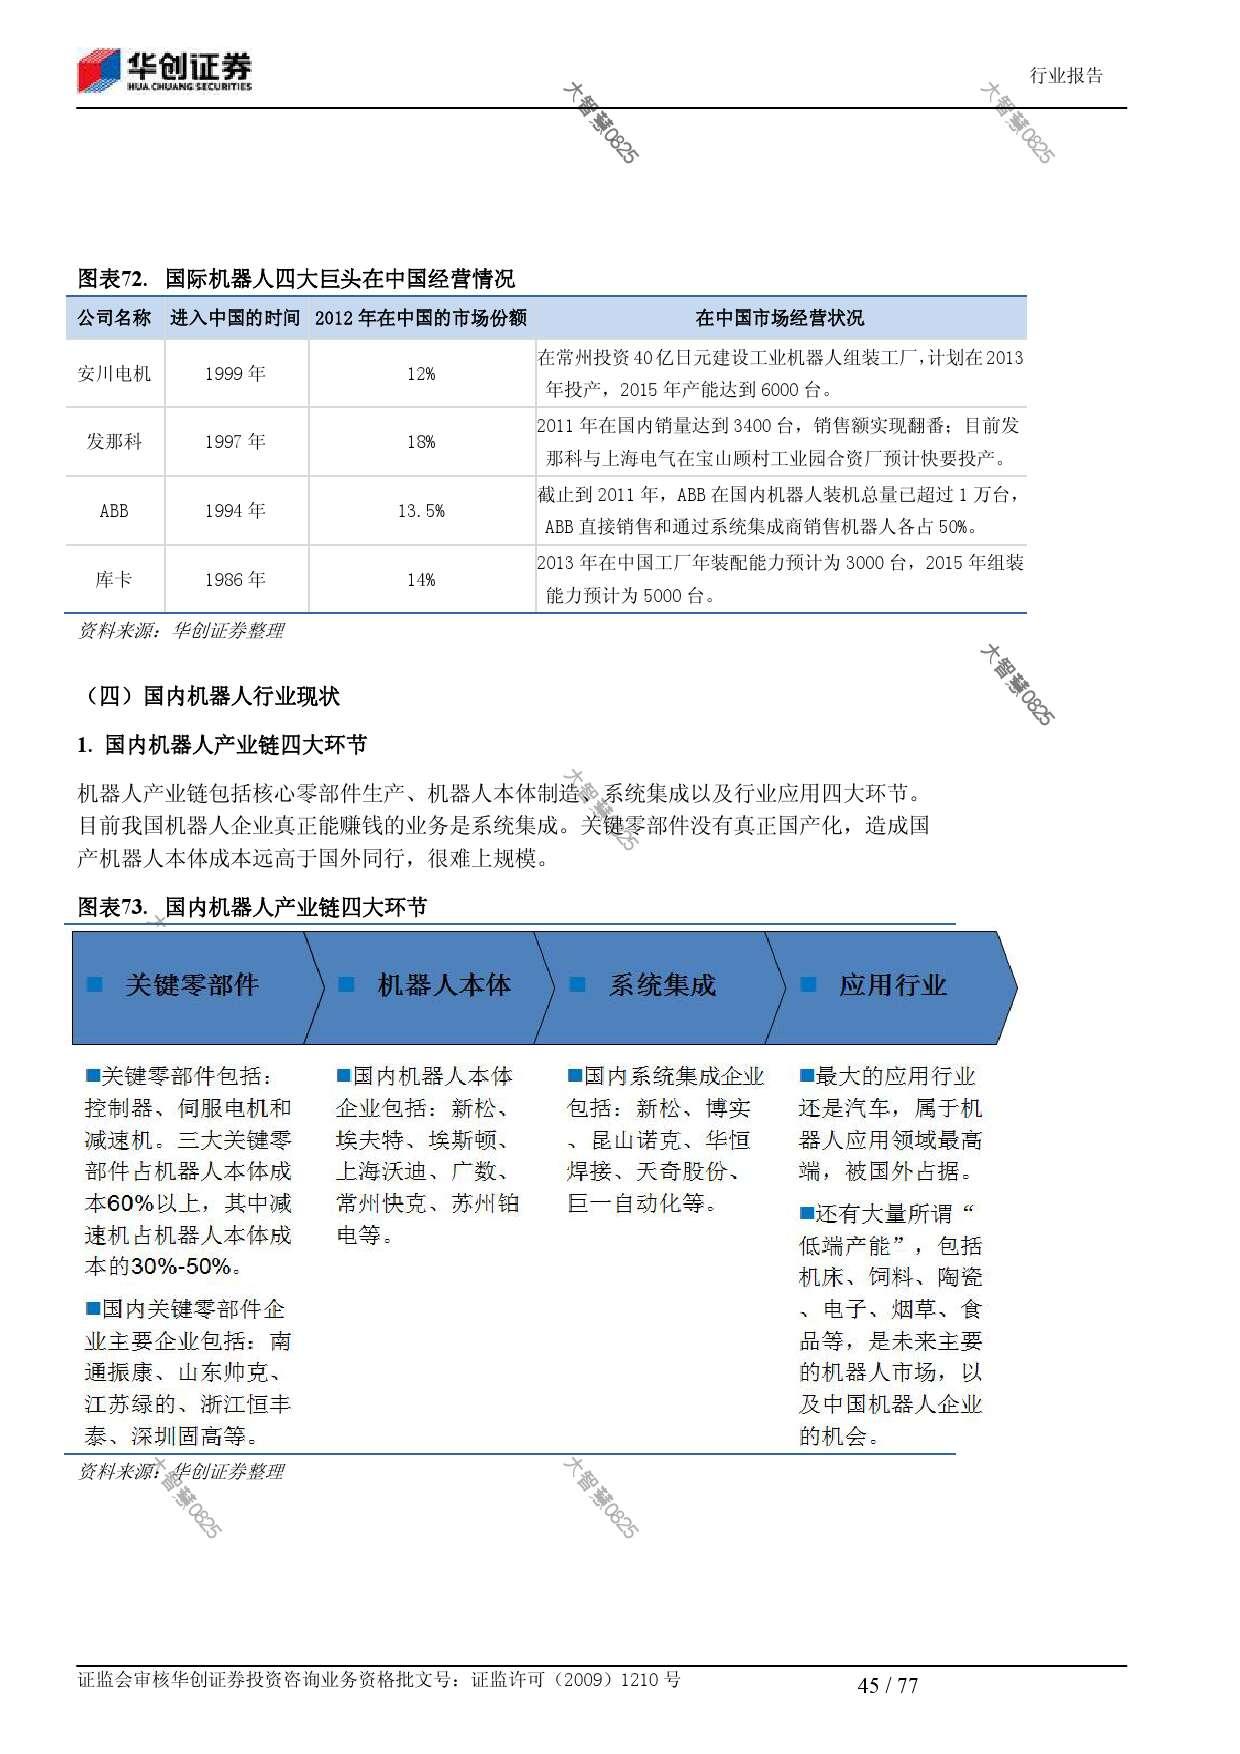 行业研究_华创证券_刘国清,鲁佩_机械设备:机器人大趋势_2014021_000045